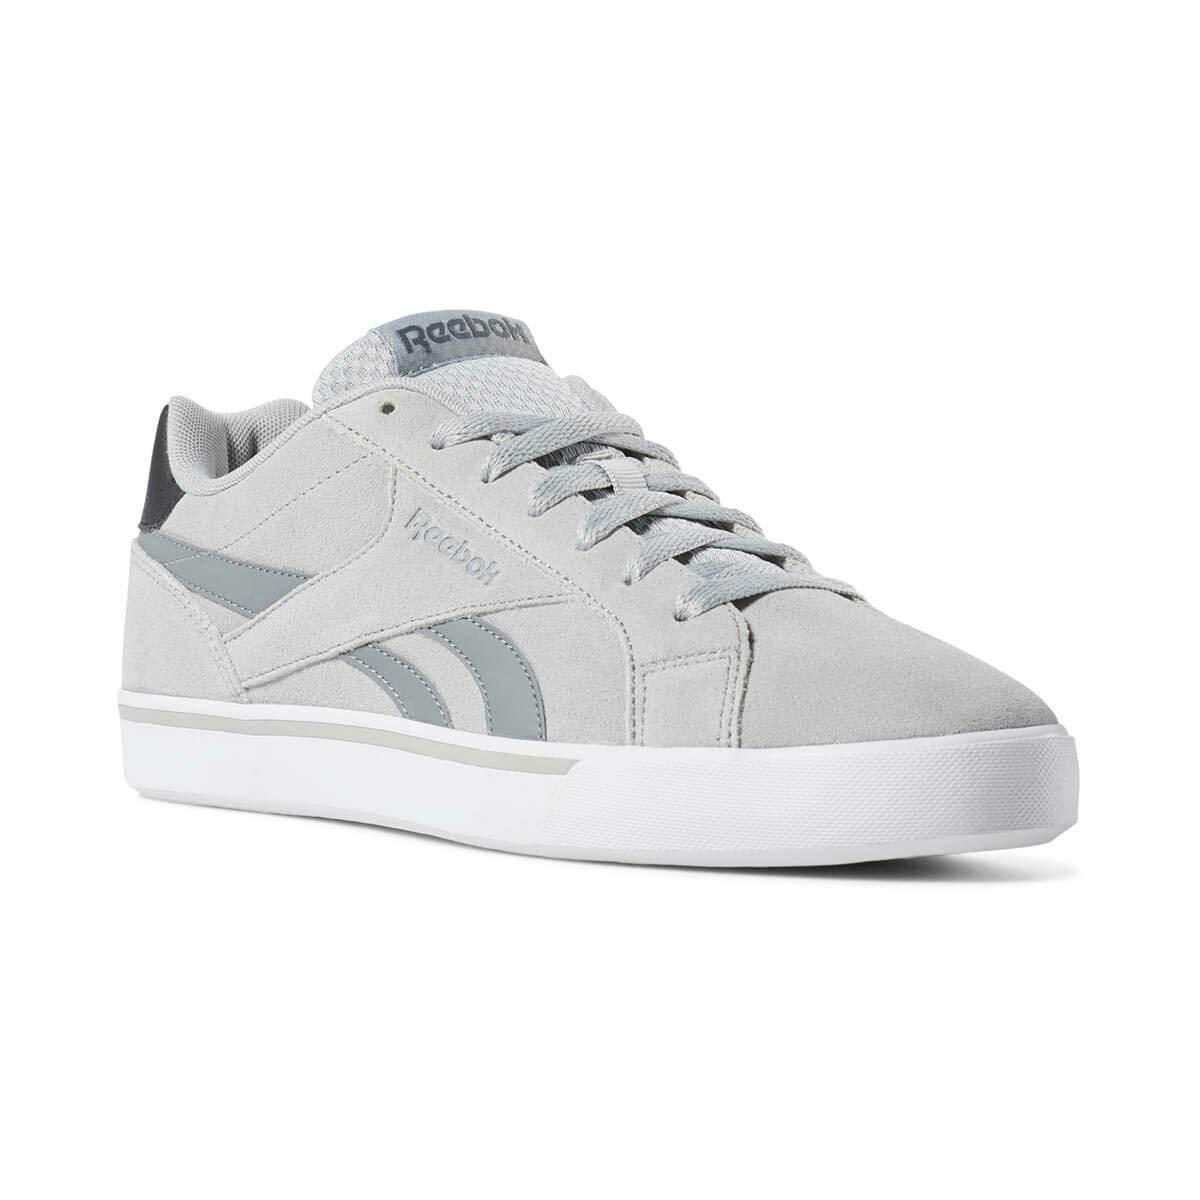 MultiCouleure (True gris 3 True gris 5 noir blanc 000) Reebok Royal Complete 2ls, Chaussures de Tennis Homme 45 1 3 EU